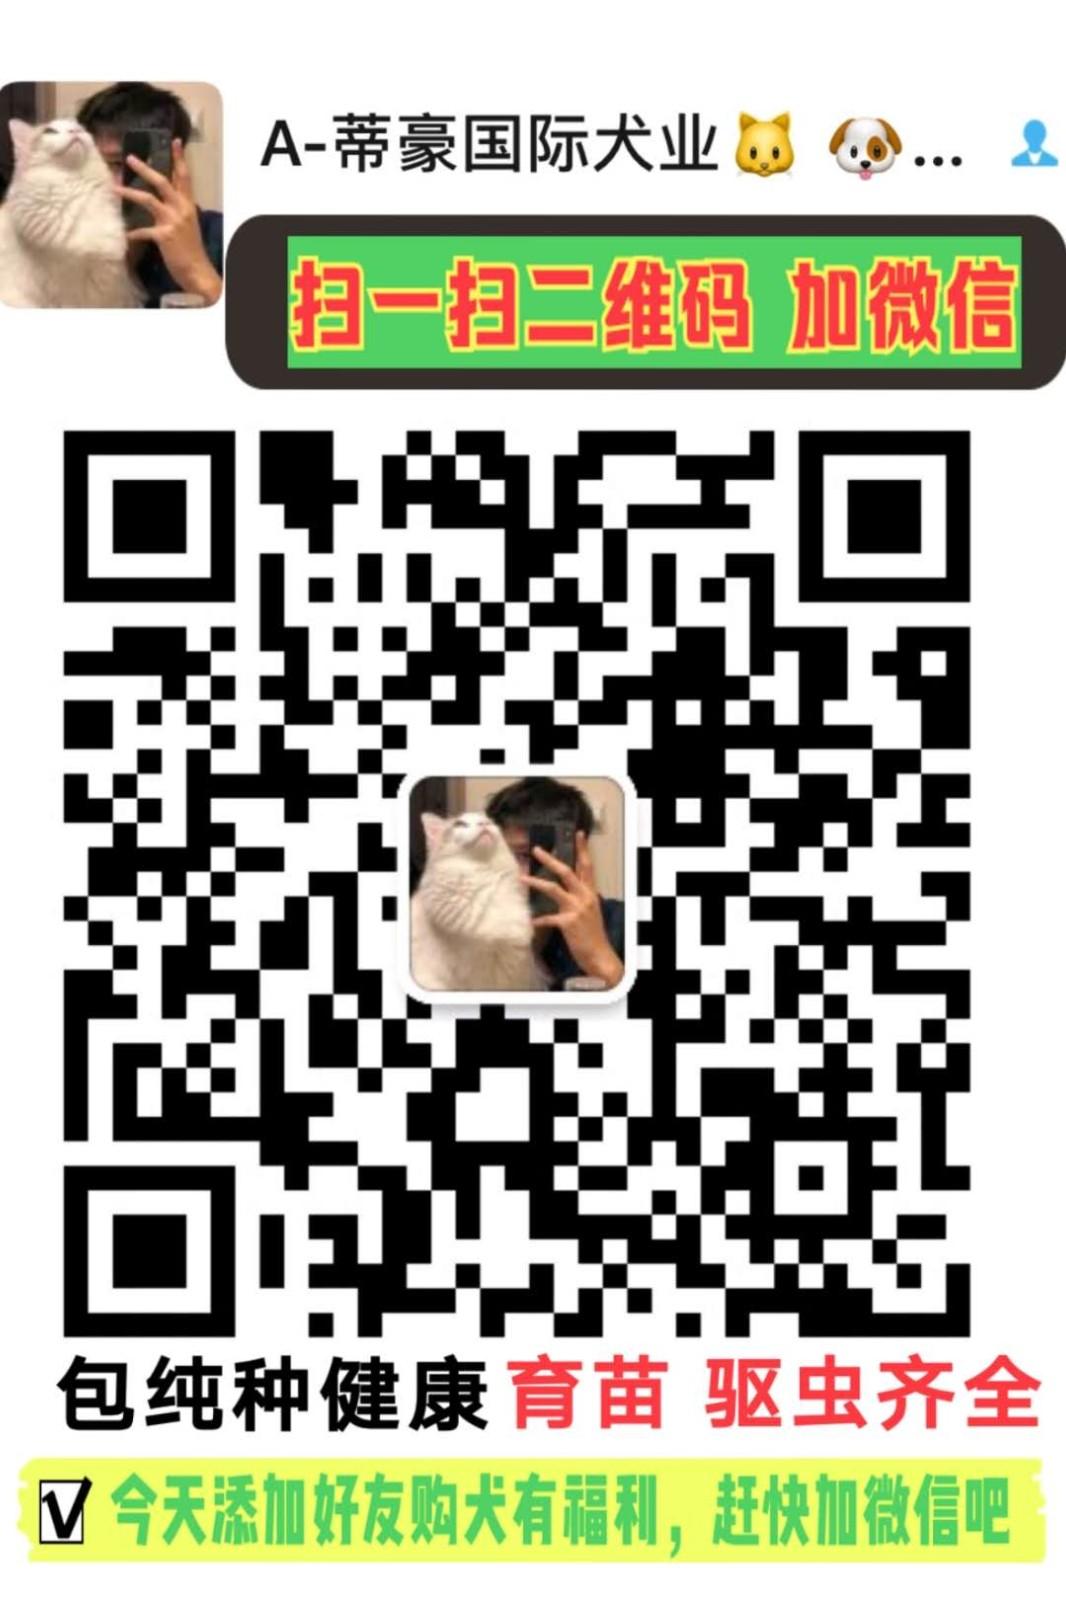 特惠价出售玩具型贵宾疫苗驱虫已做完上海买卖贵宾13